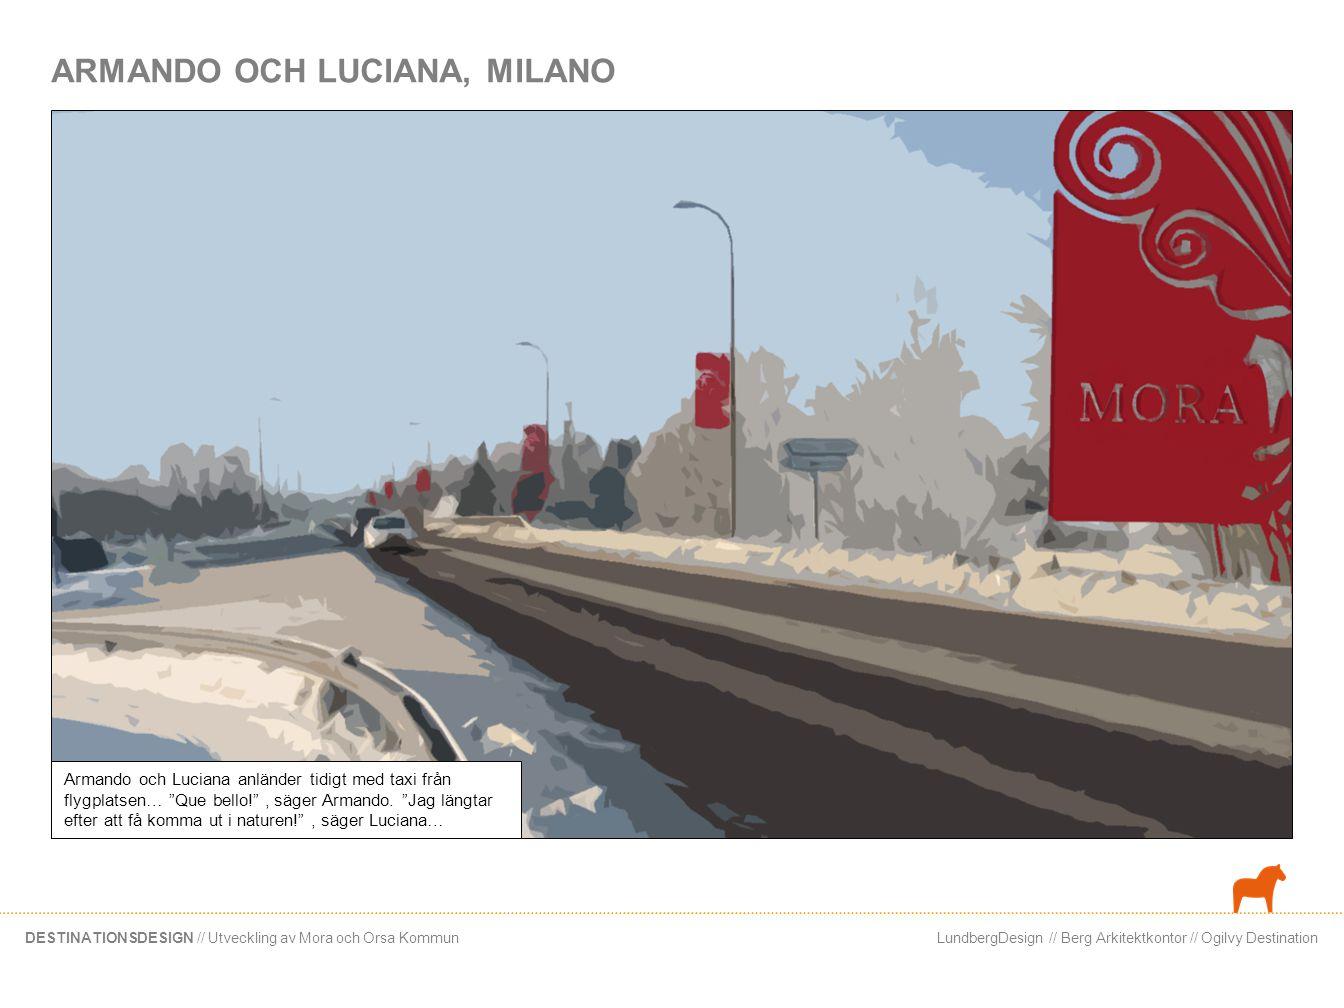 LundbergDesign // Berg Arkitektkontor // Ogilvy DestinationDESTINATIONSDESIGN // Utveckling av Mora och Orsa Kommun Armando och Luciana tar en busstur till en av utsiktsbryggorna.